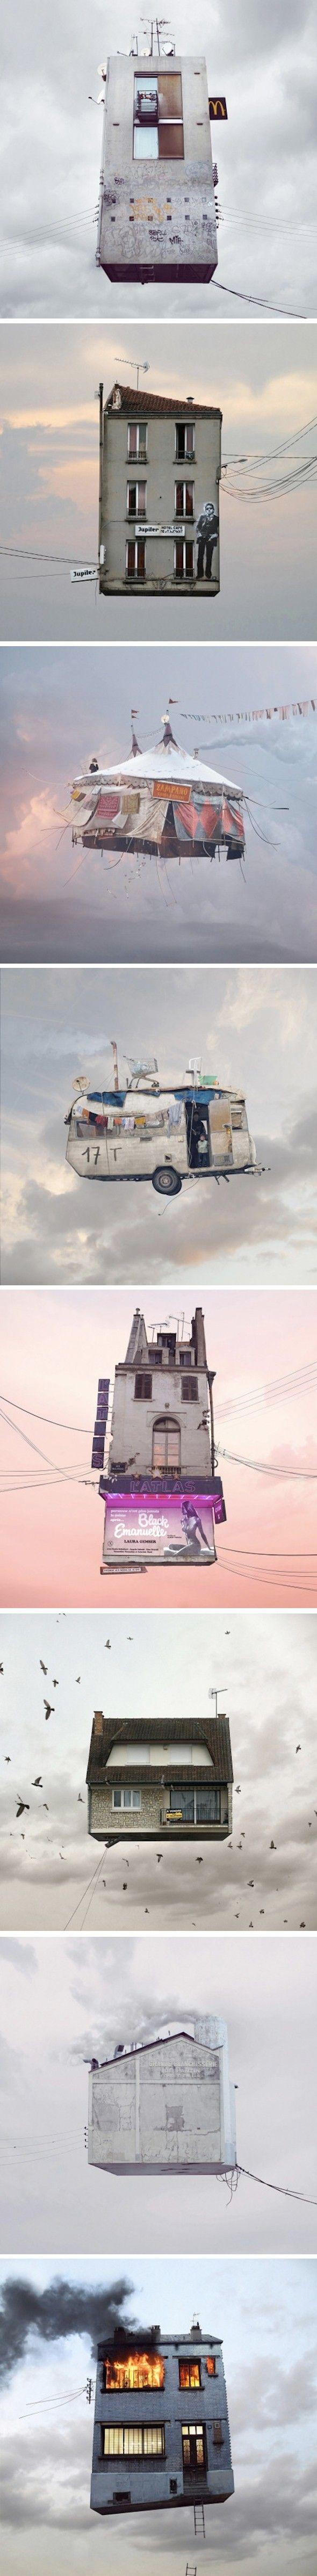 série Flying Houses par le photographe français Laurent Chéhère.